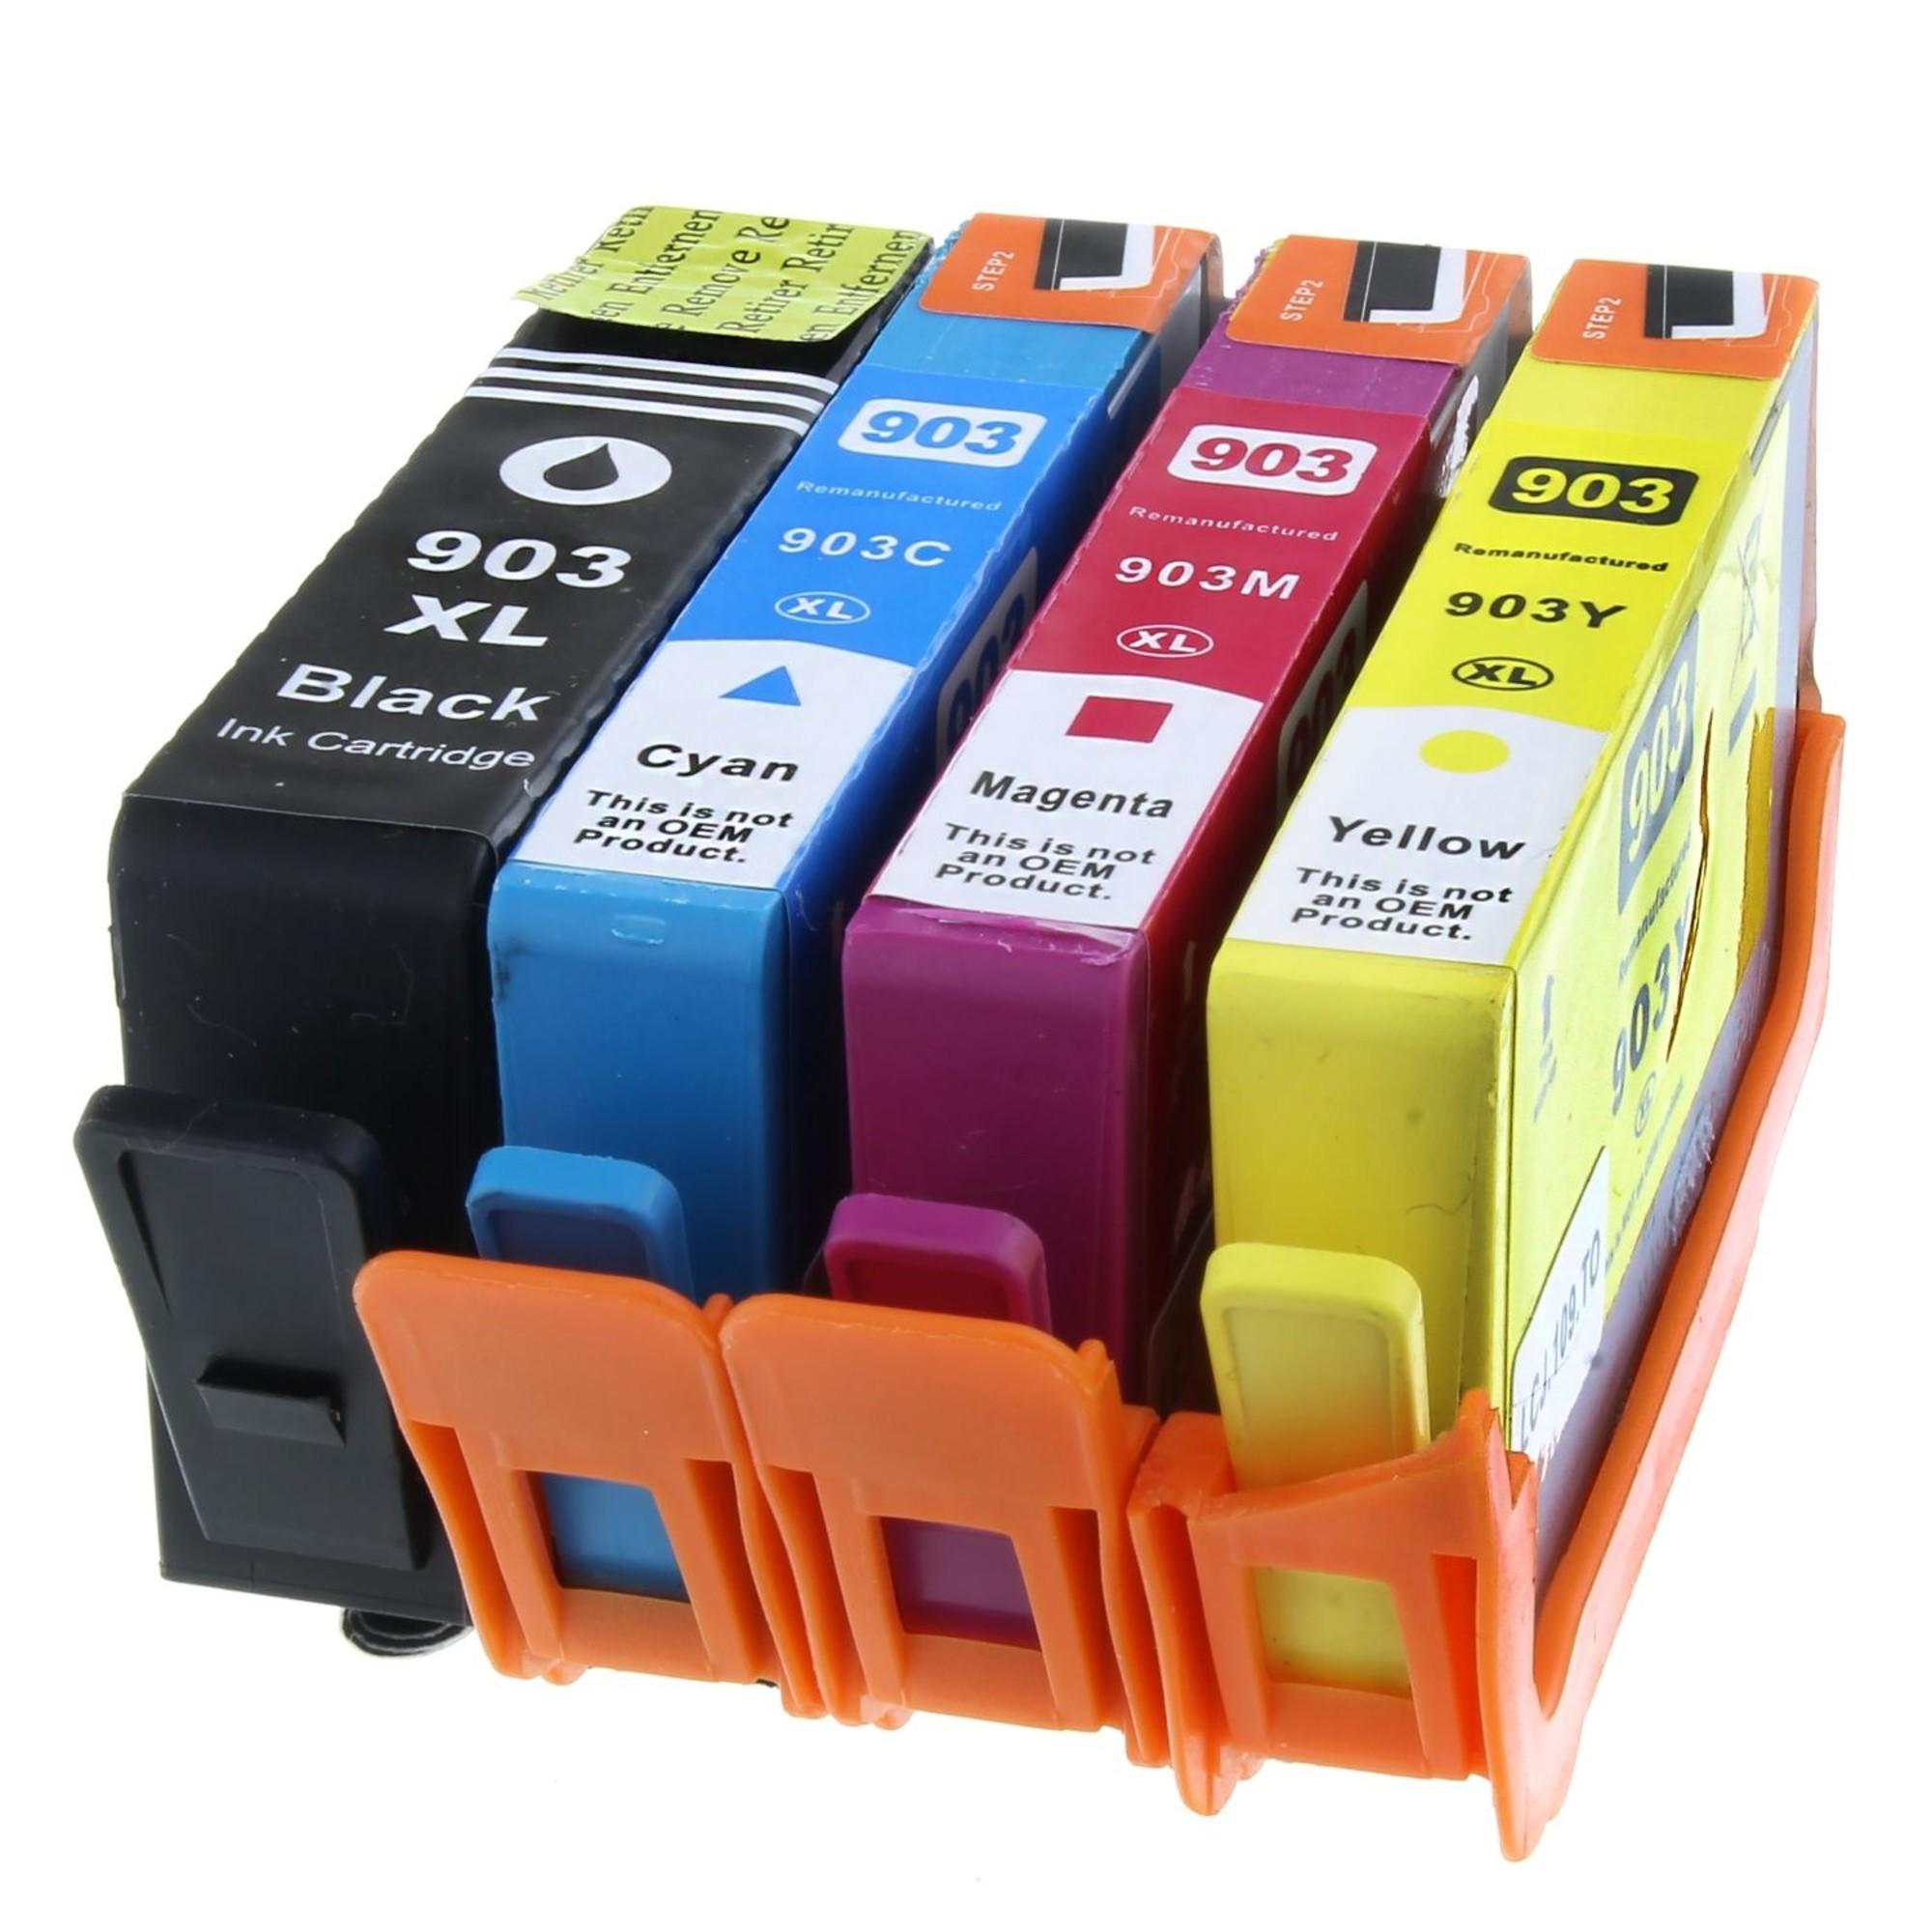 De beste inktcartridges bestel je online